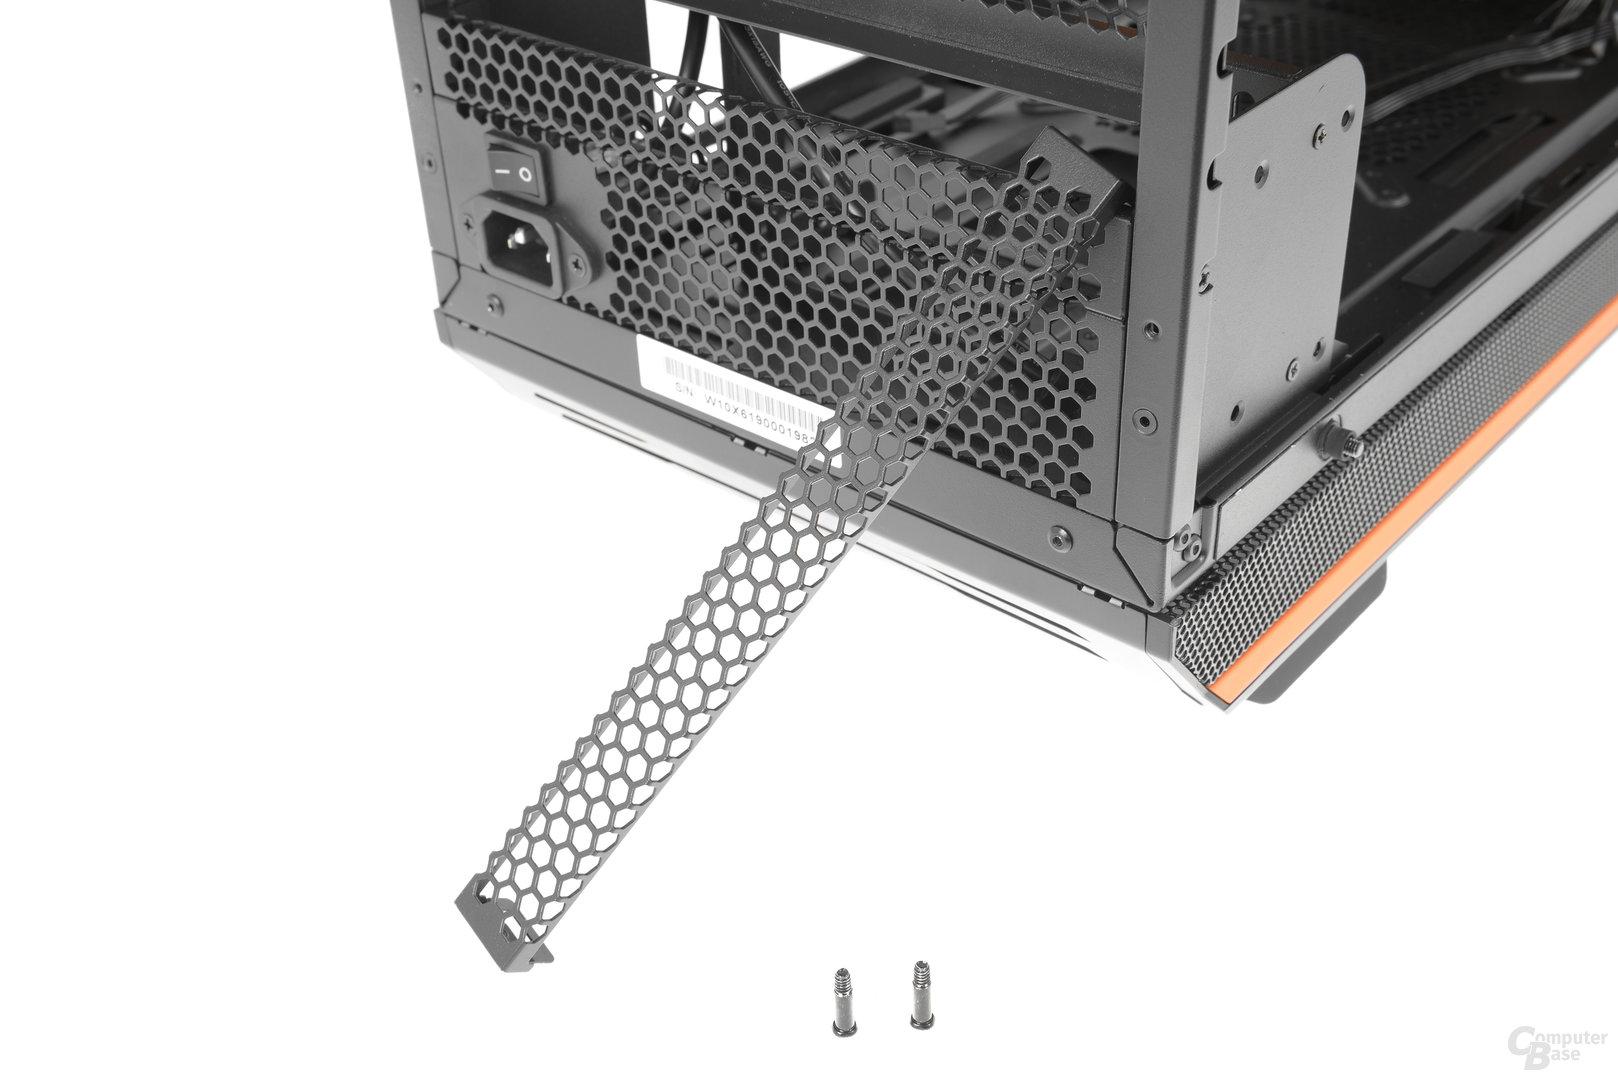 be quiet! Dark Base Pro 900 – Modulare Abdeckungen, falls der Mainboardtray in der Höhe verstellt wird